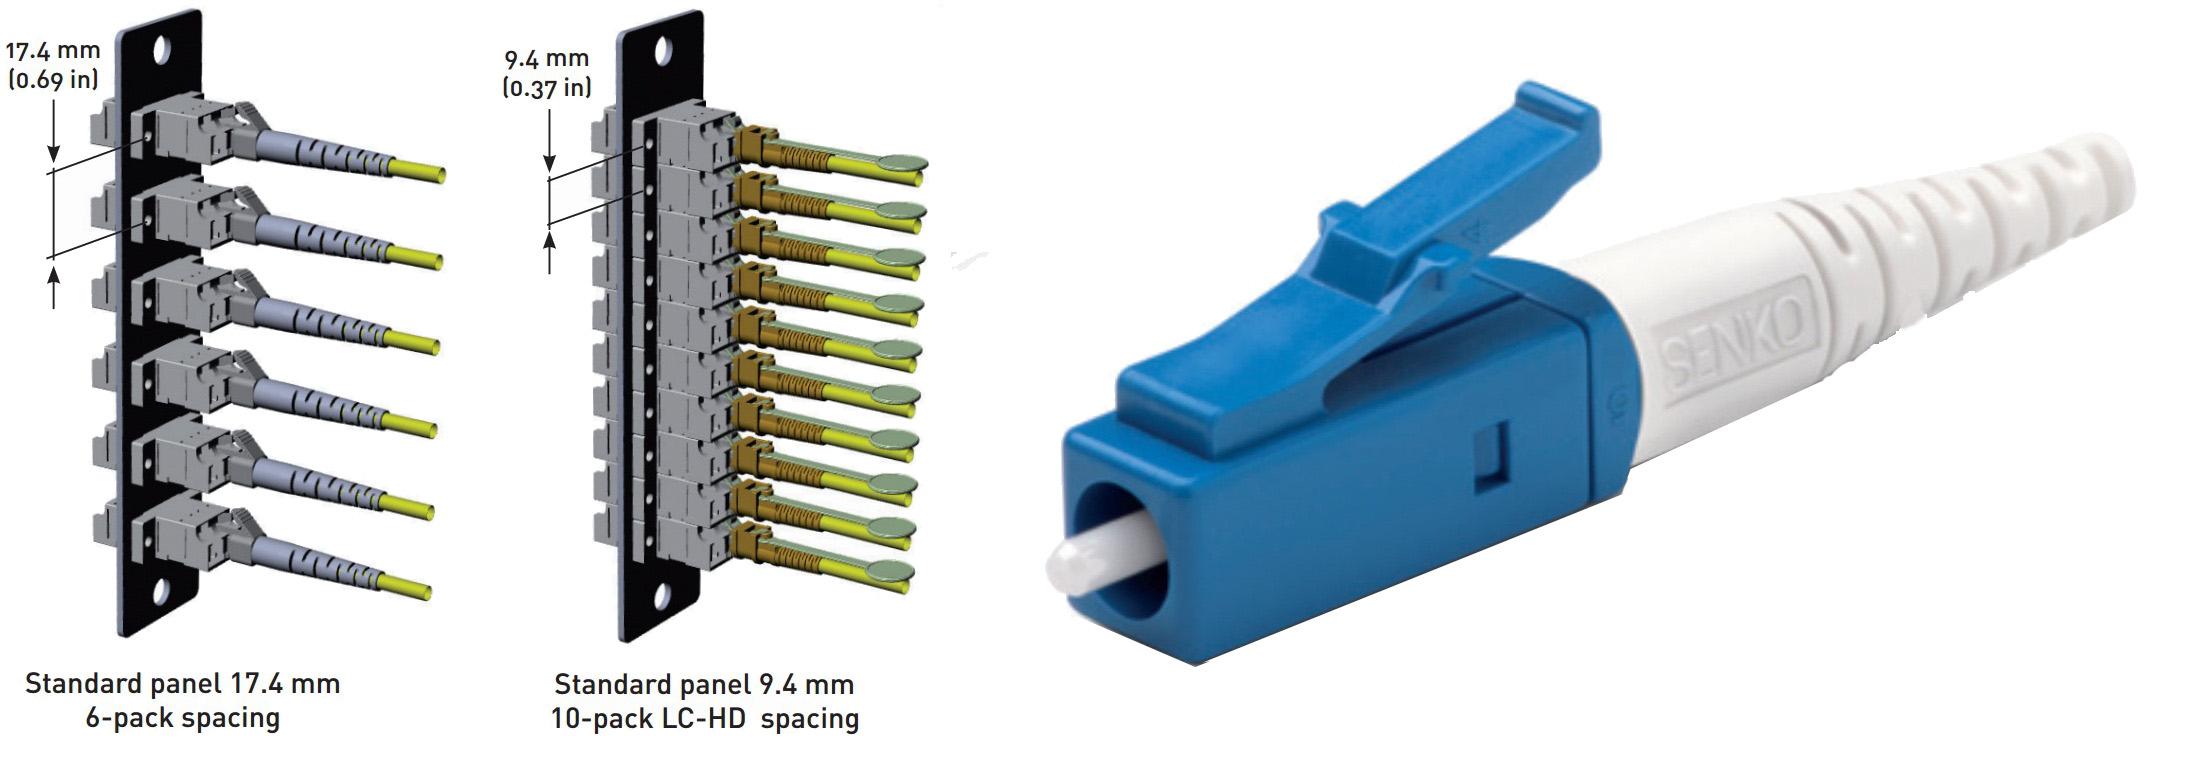 Что такое коннектор и какие бывают типы коннекторов